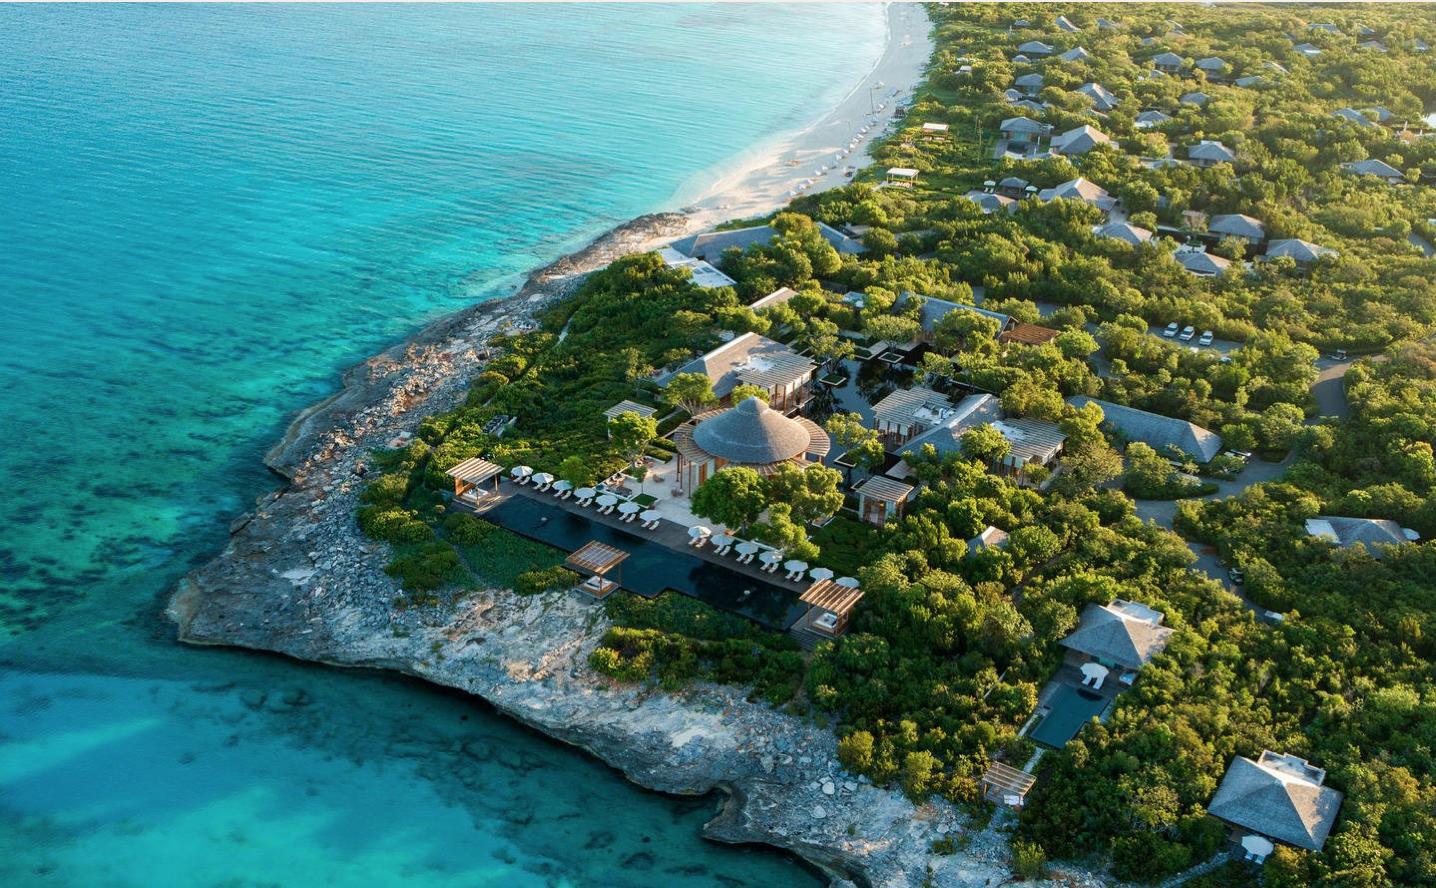 Amanyara arial shot of a tropical getaway resort